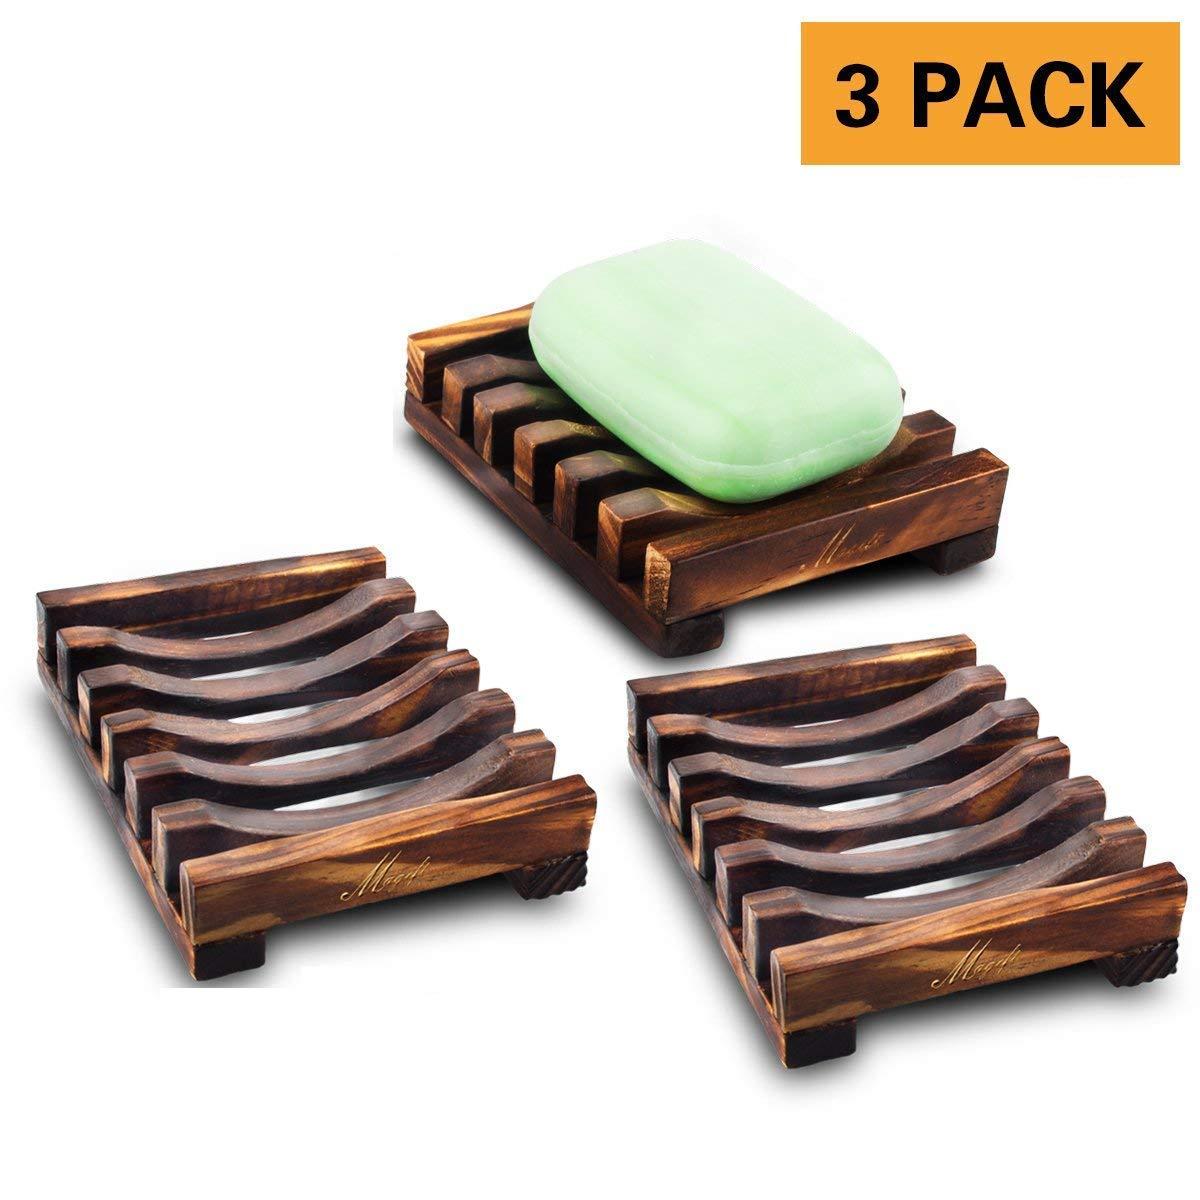 Bathroom Wooden Soap Dish, Sink Deck Bathtub Shower Soap Case Holder, Rectangular, Hand Craft, Natural Wooden Holder for Sponges, Scrubber, Kitchen Home (3 pack)